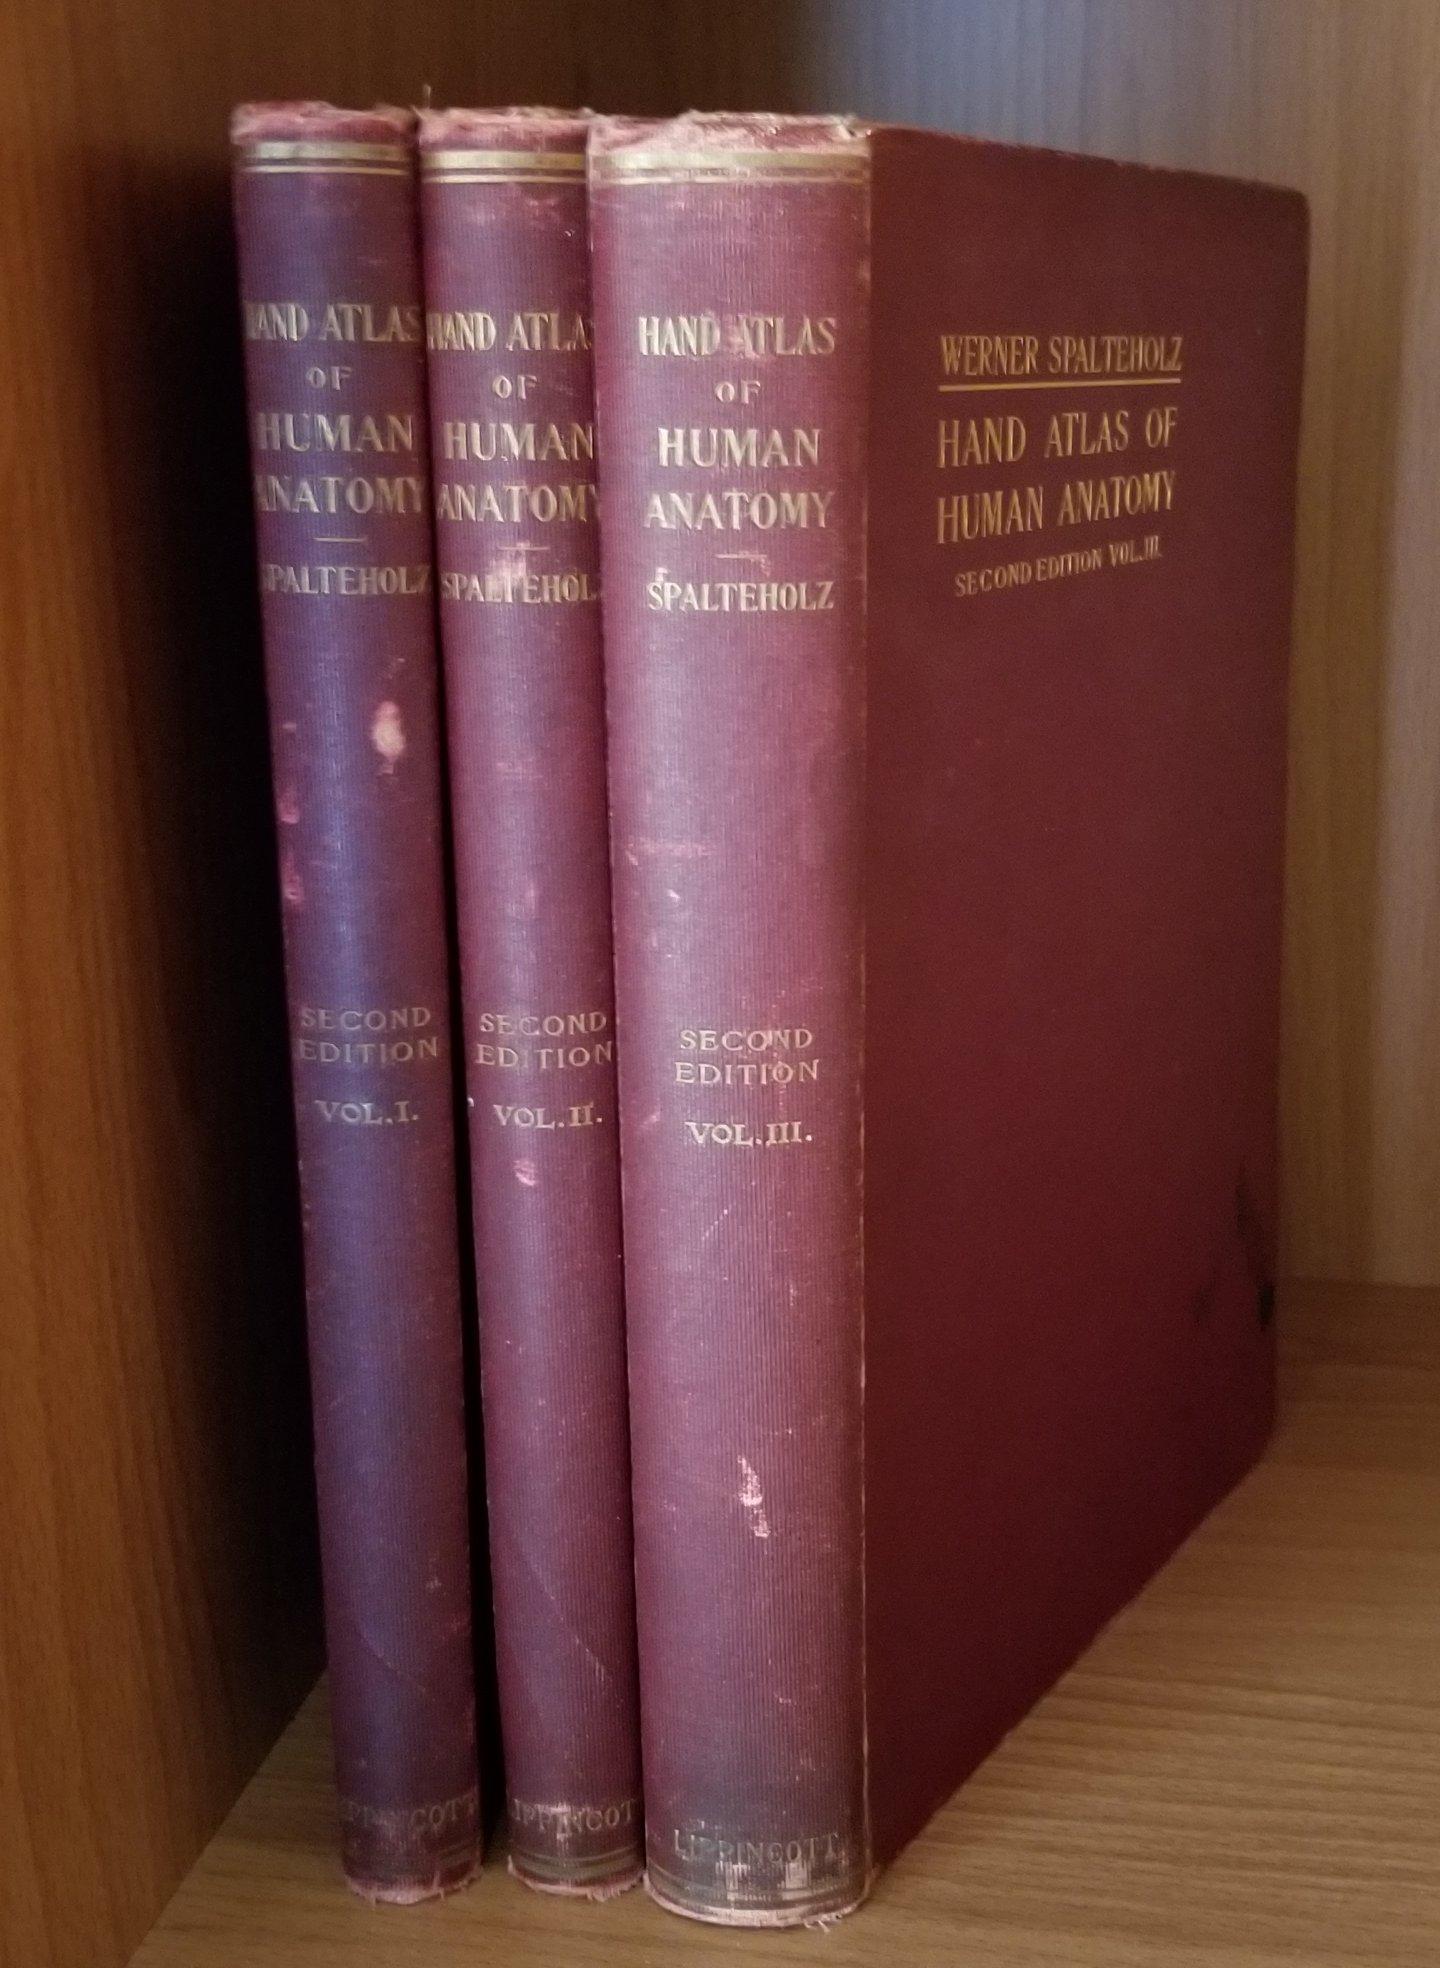 Hand Atlas of Human Anatomy. Vols. I,II,III. Set.